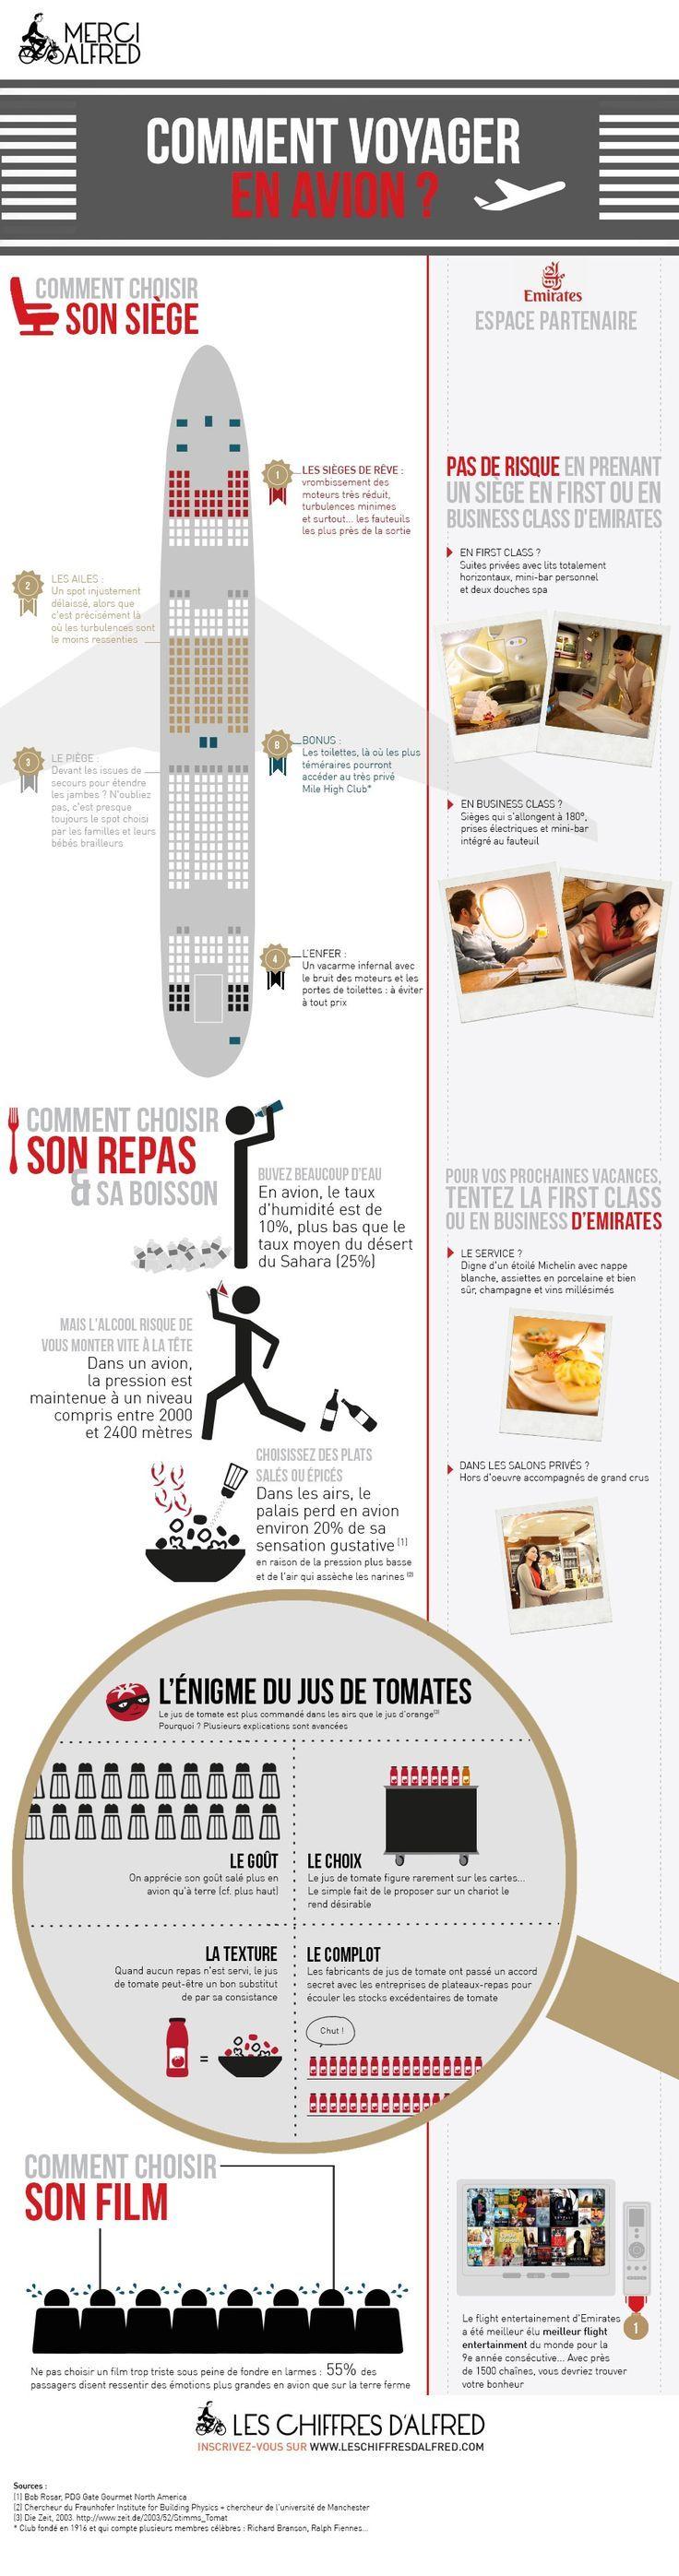 Travel Infographic Merci Alfred A Lire Avant De Monter Dans Un